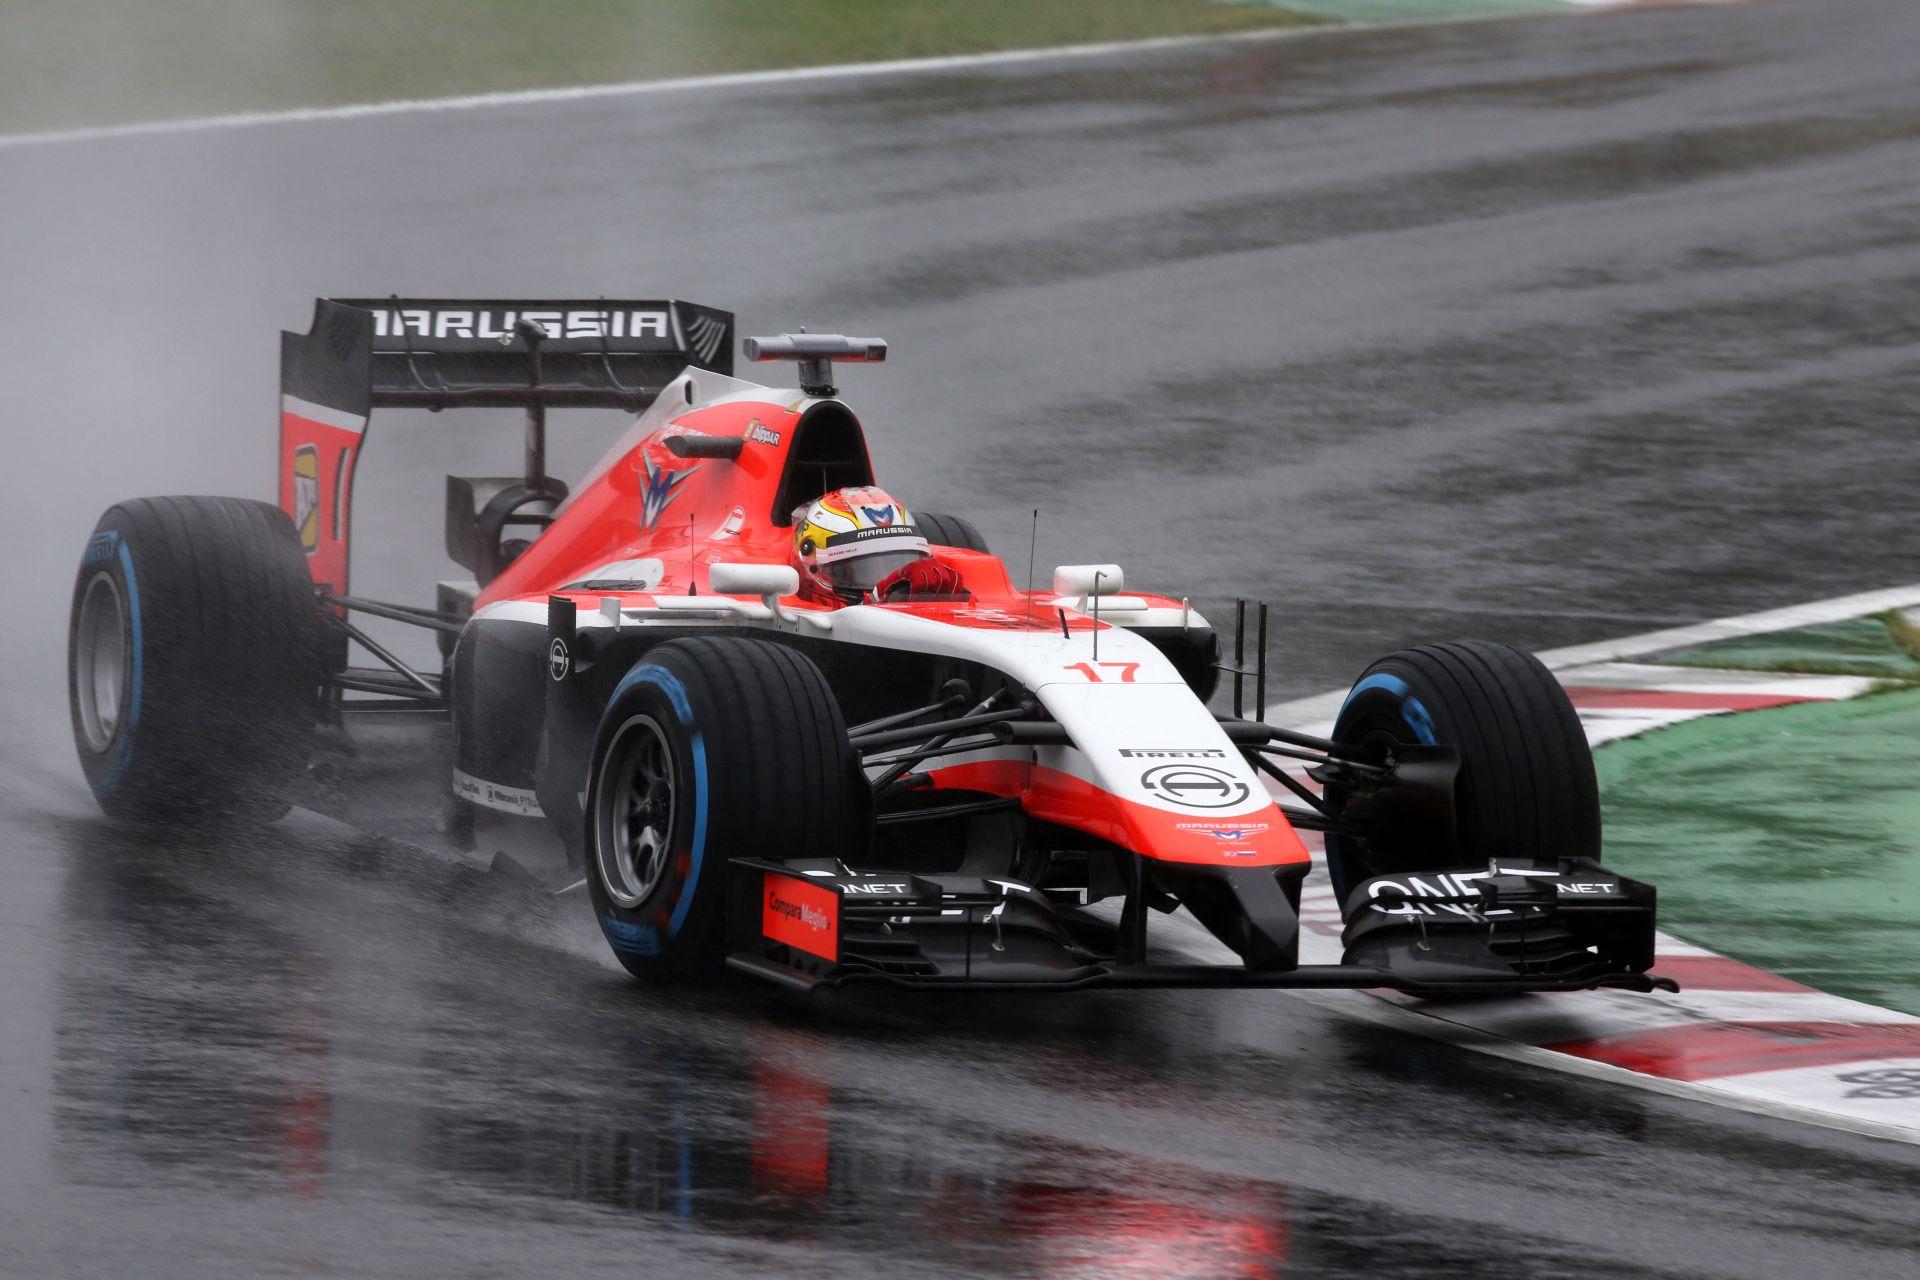 Borzasztóan nagy lehet a Manor F1 Team hátránya: Rajthoz sem tudnak állni a futamokon?